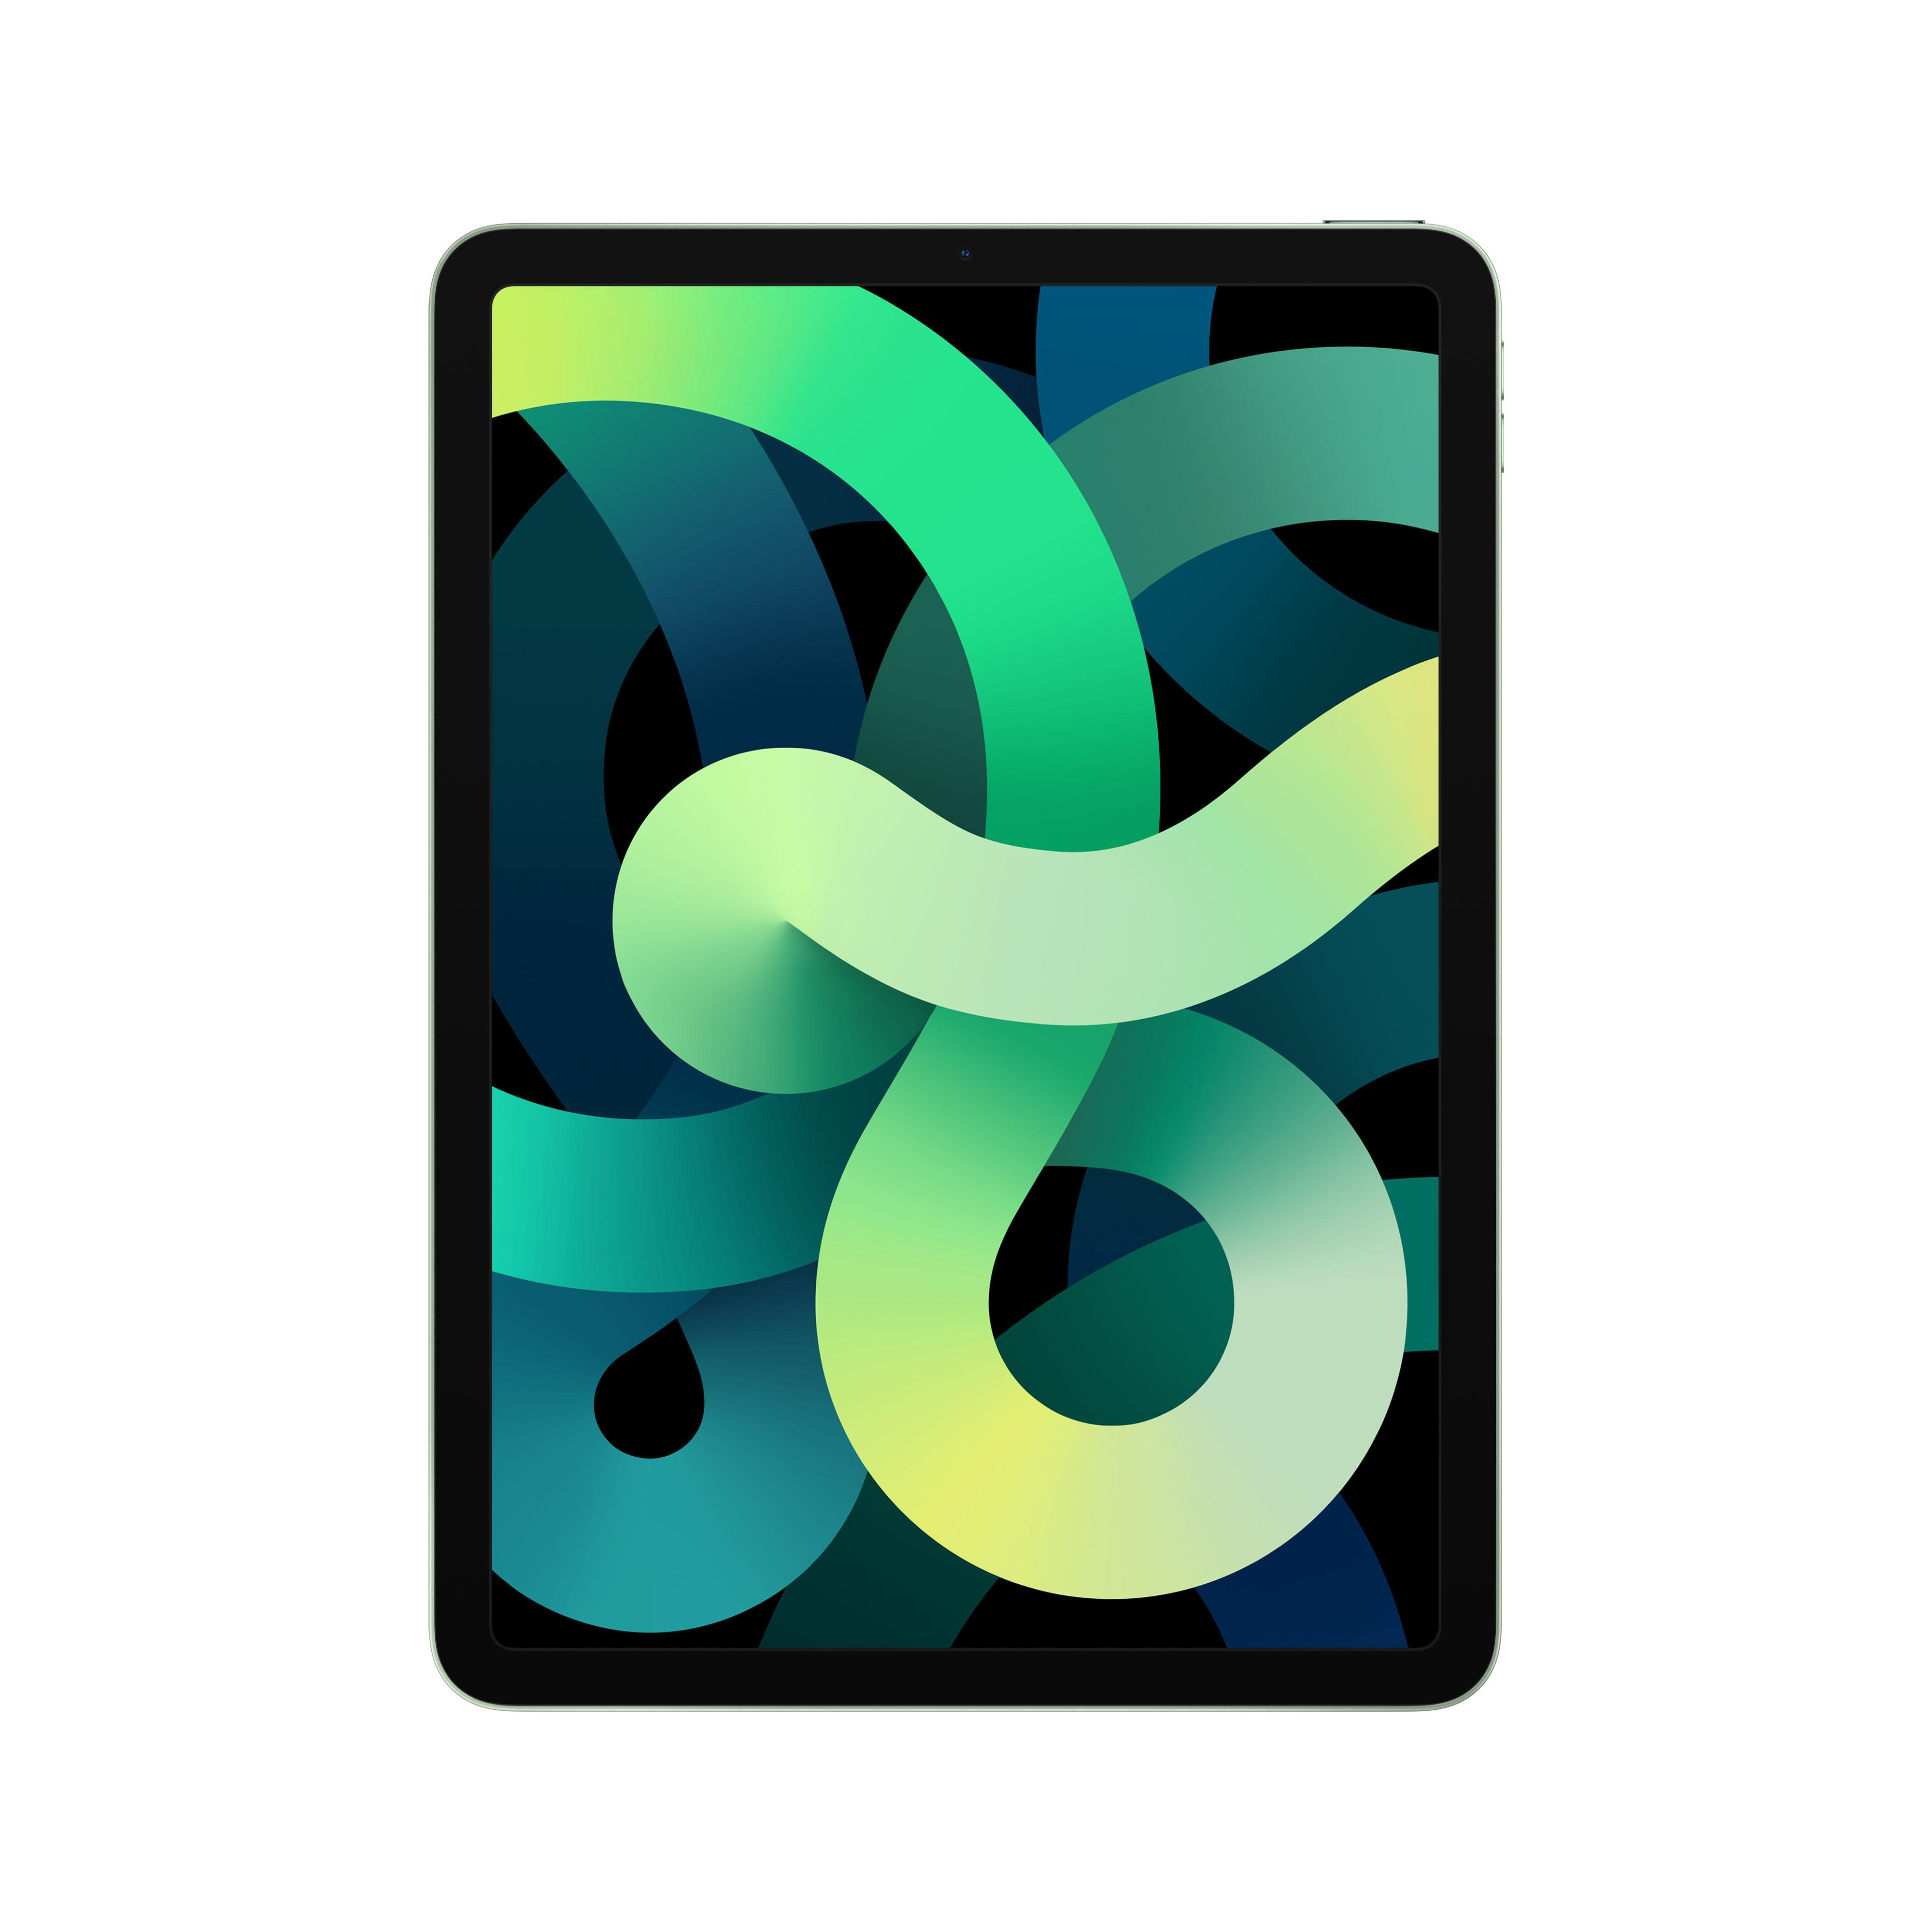 Apple - 10.9-inch iPad Air Wi-Fi 256GB - Green Myg02ty/a